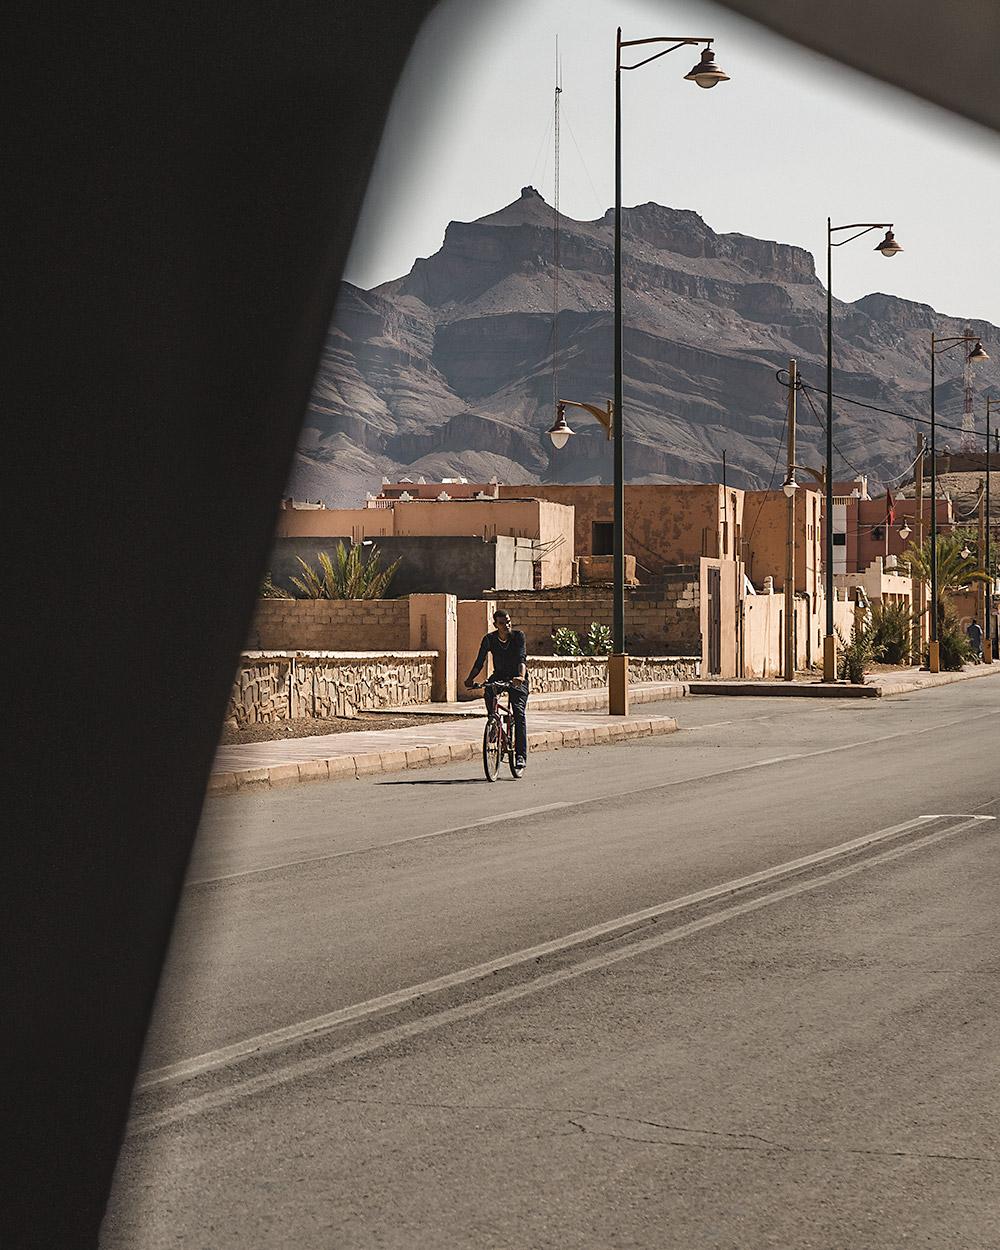 Um momento único ao longo do nosso roteiro para o deserto em Marrocos